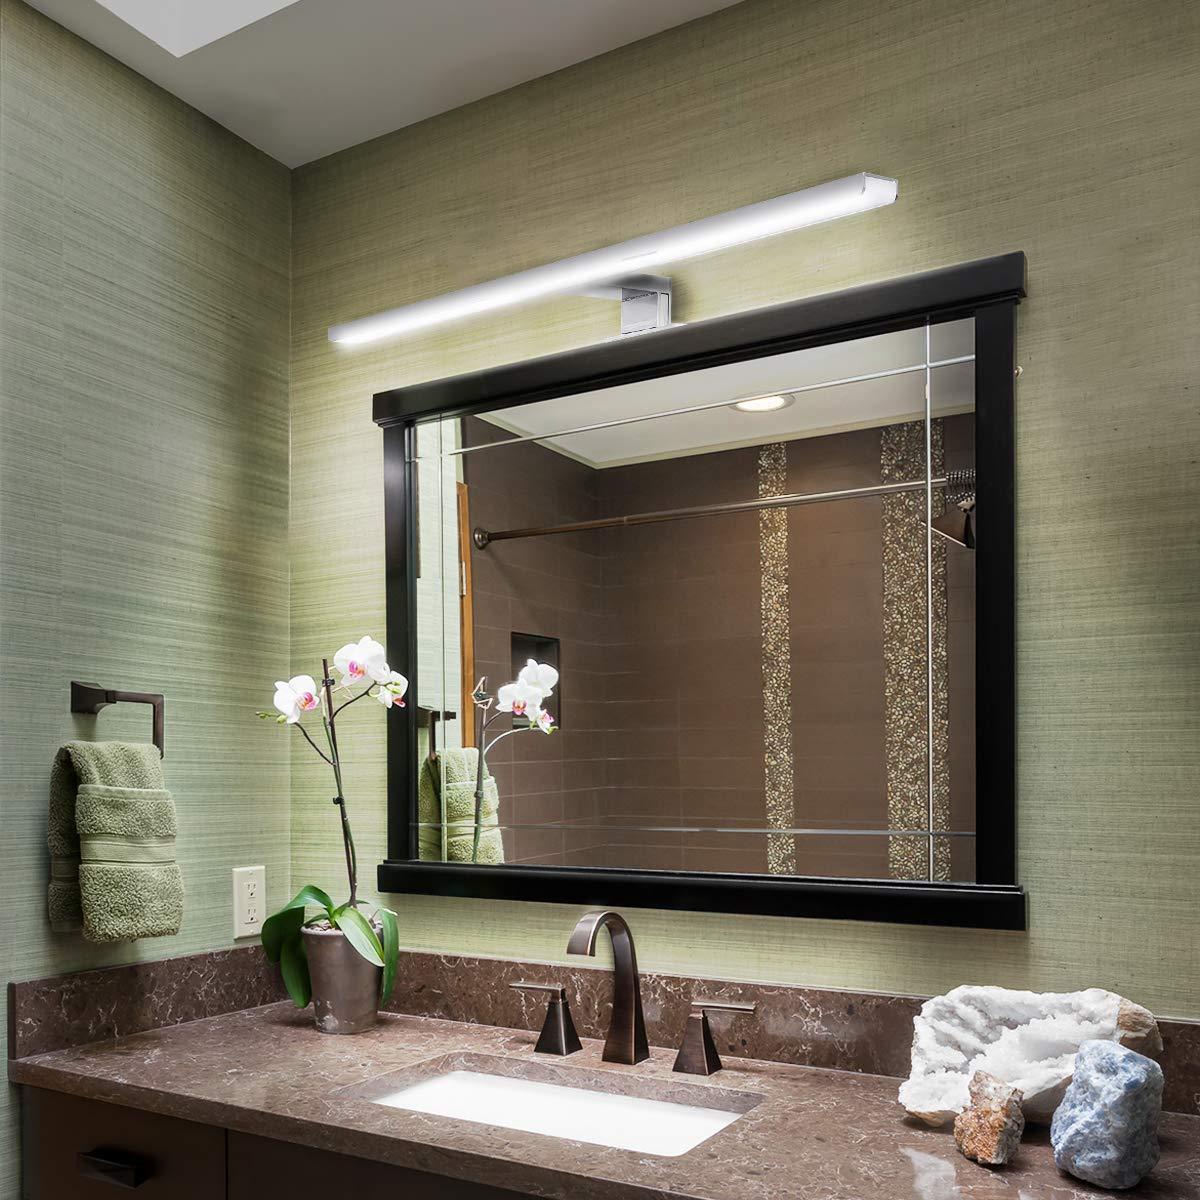 prova d800água interior led espelho lâmpada parede